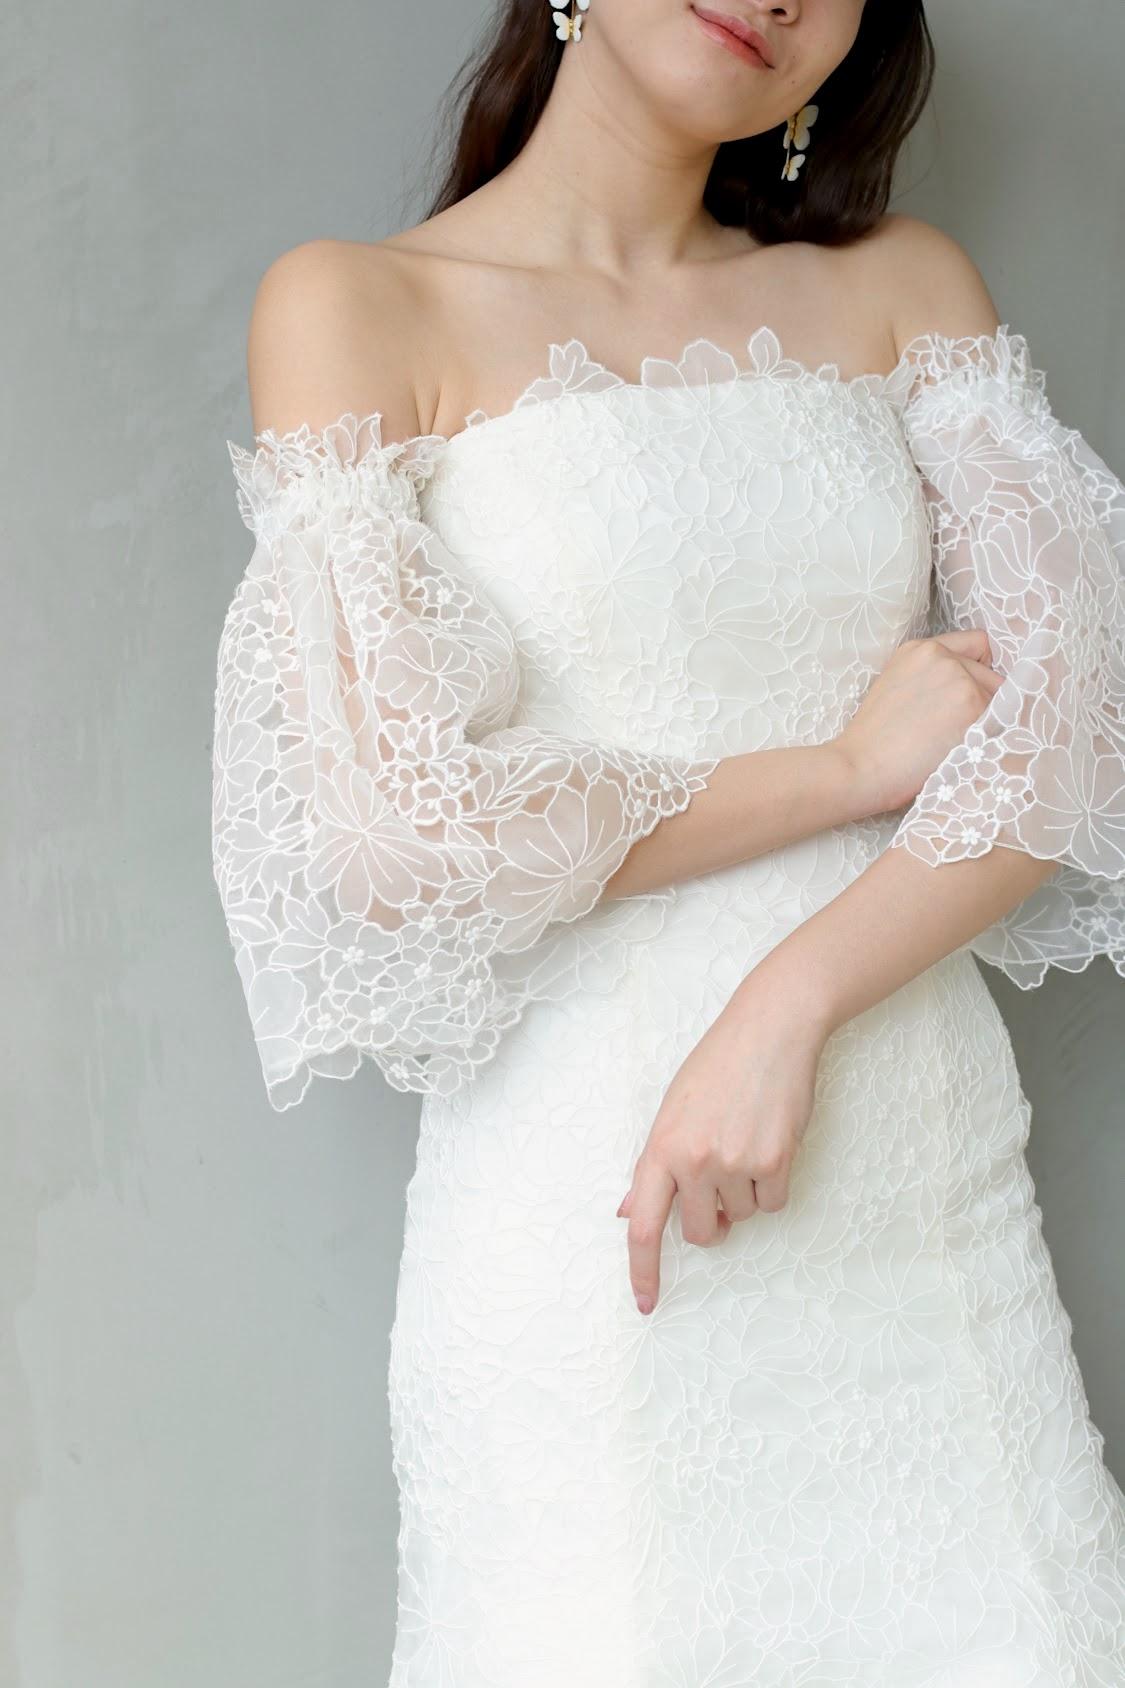 東京で人気のインポートドレスショップ ザ・トリート・ドレッシングの新作ウェディングドレスは、大人っぽいマーメイドラインにガーリーな総レース、そしてトレンドのスリーブデザインでお洒落な花嫁様にオススメしたい1着です